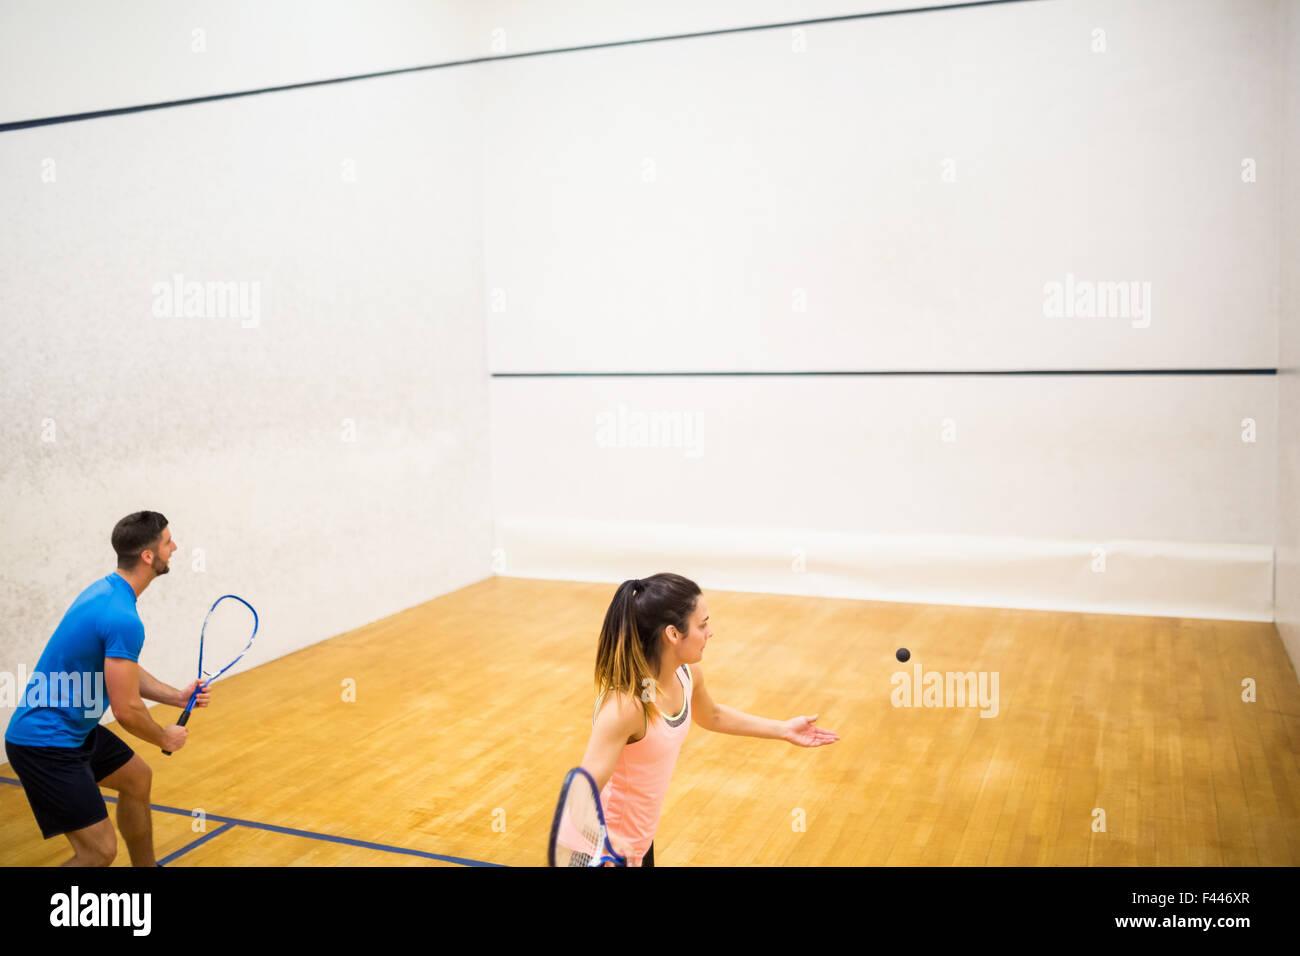 Wettbewerbsfähige paar squash spielen zusammen Stockbild